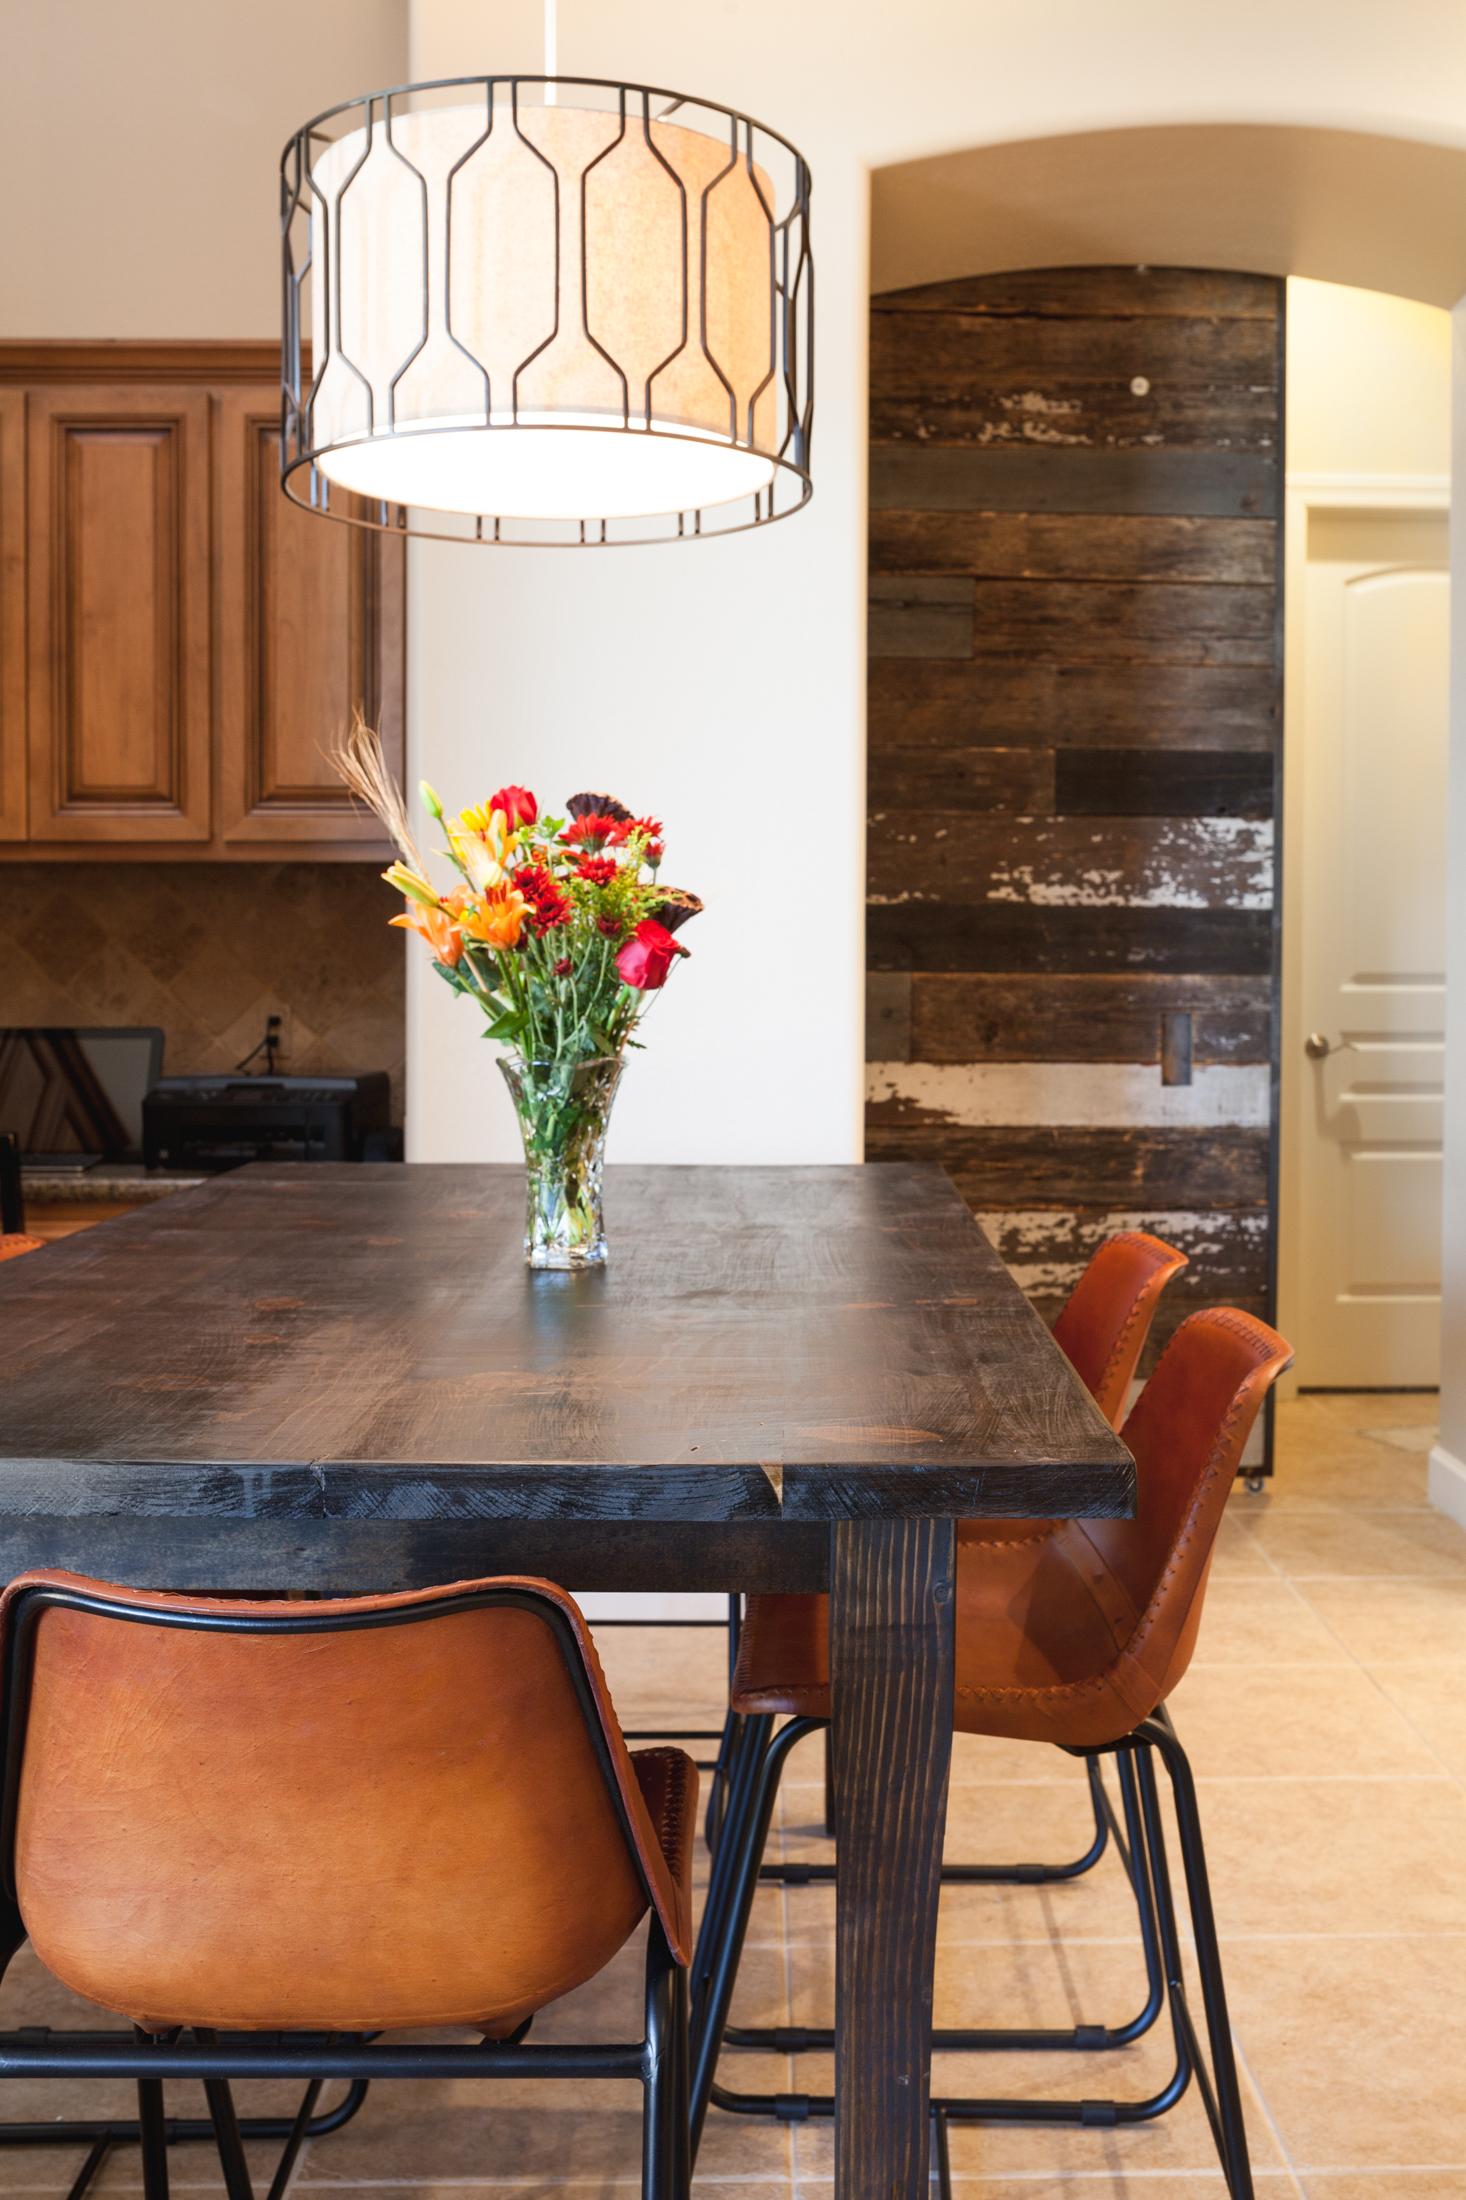 Scottsdale-Design-www.JamesStewart.photo-11.jpg